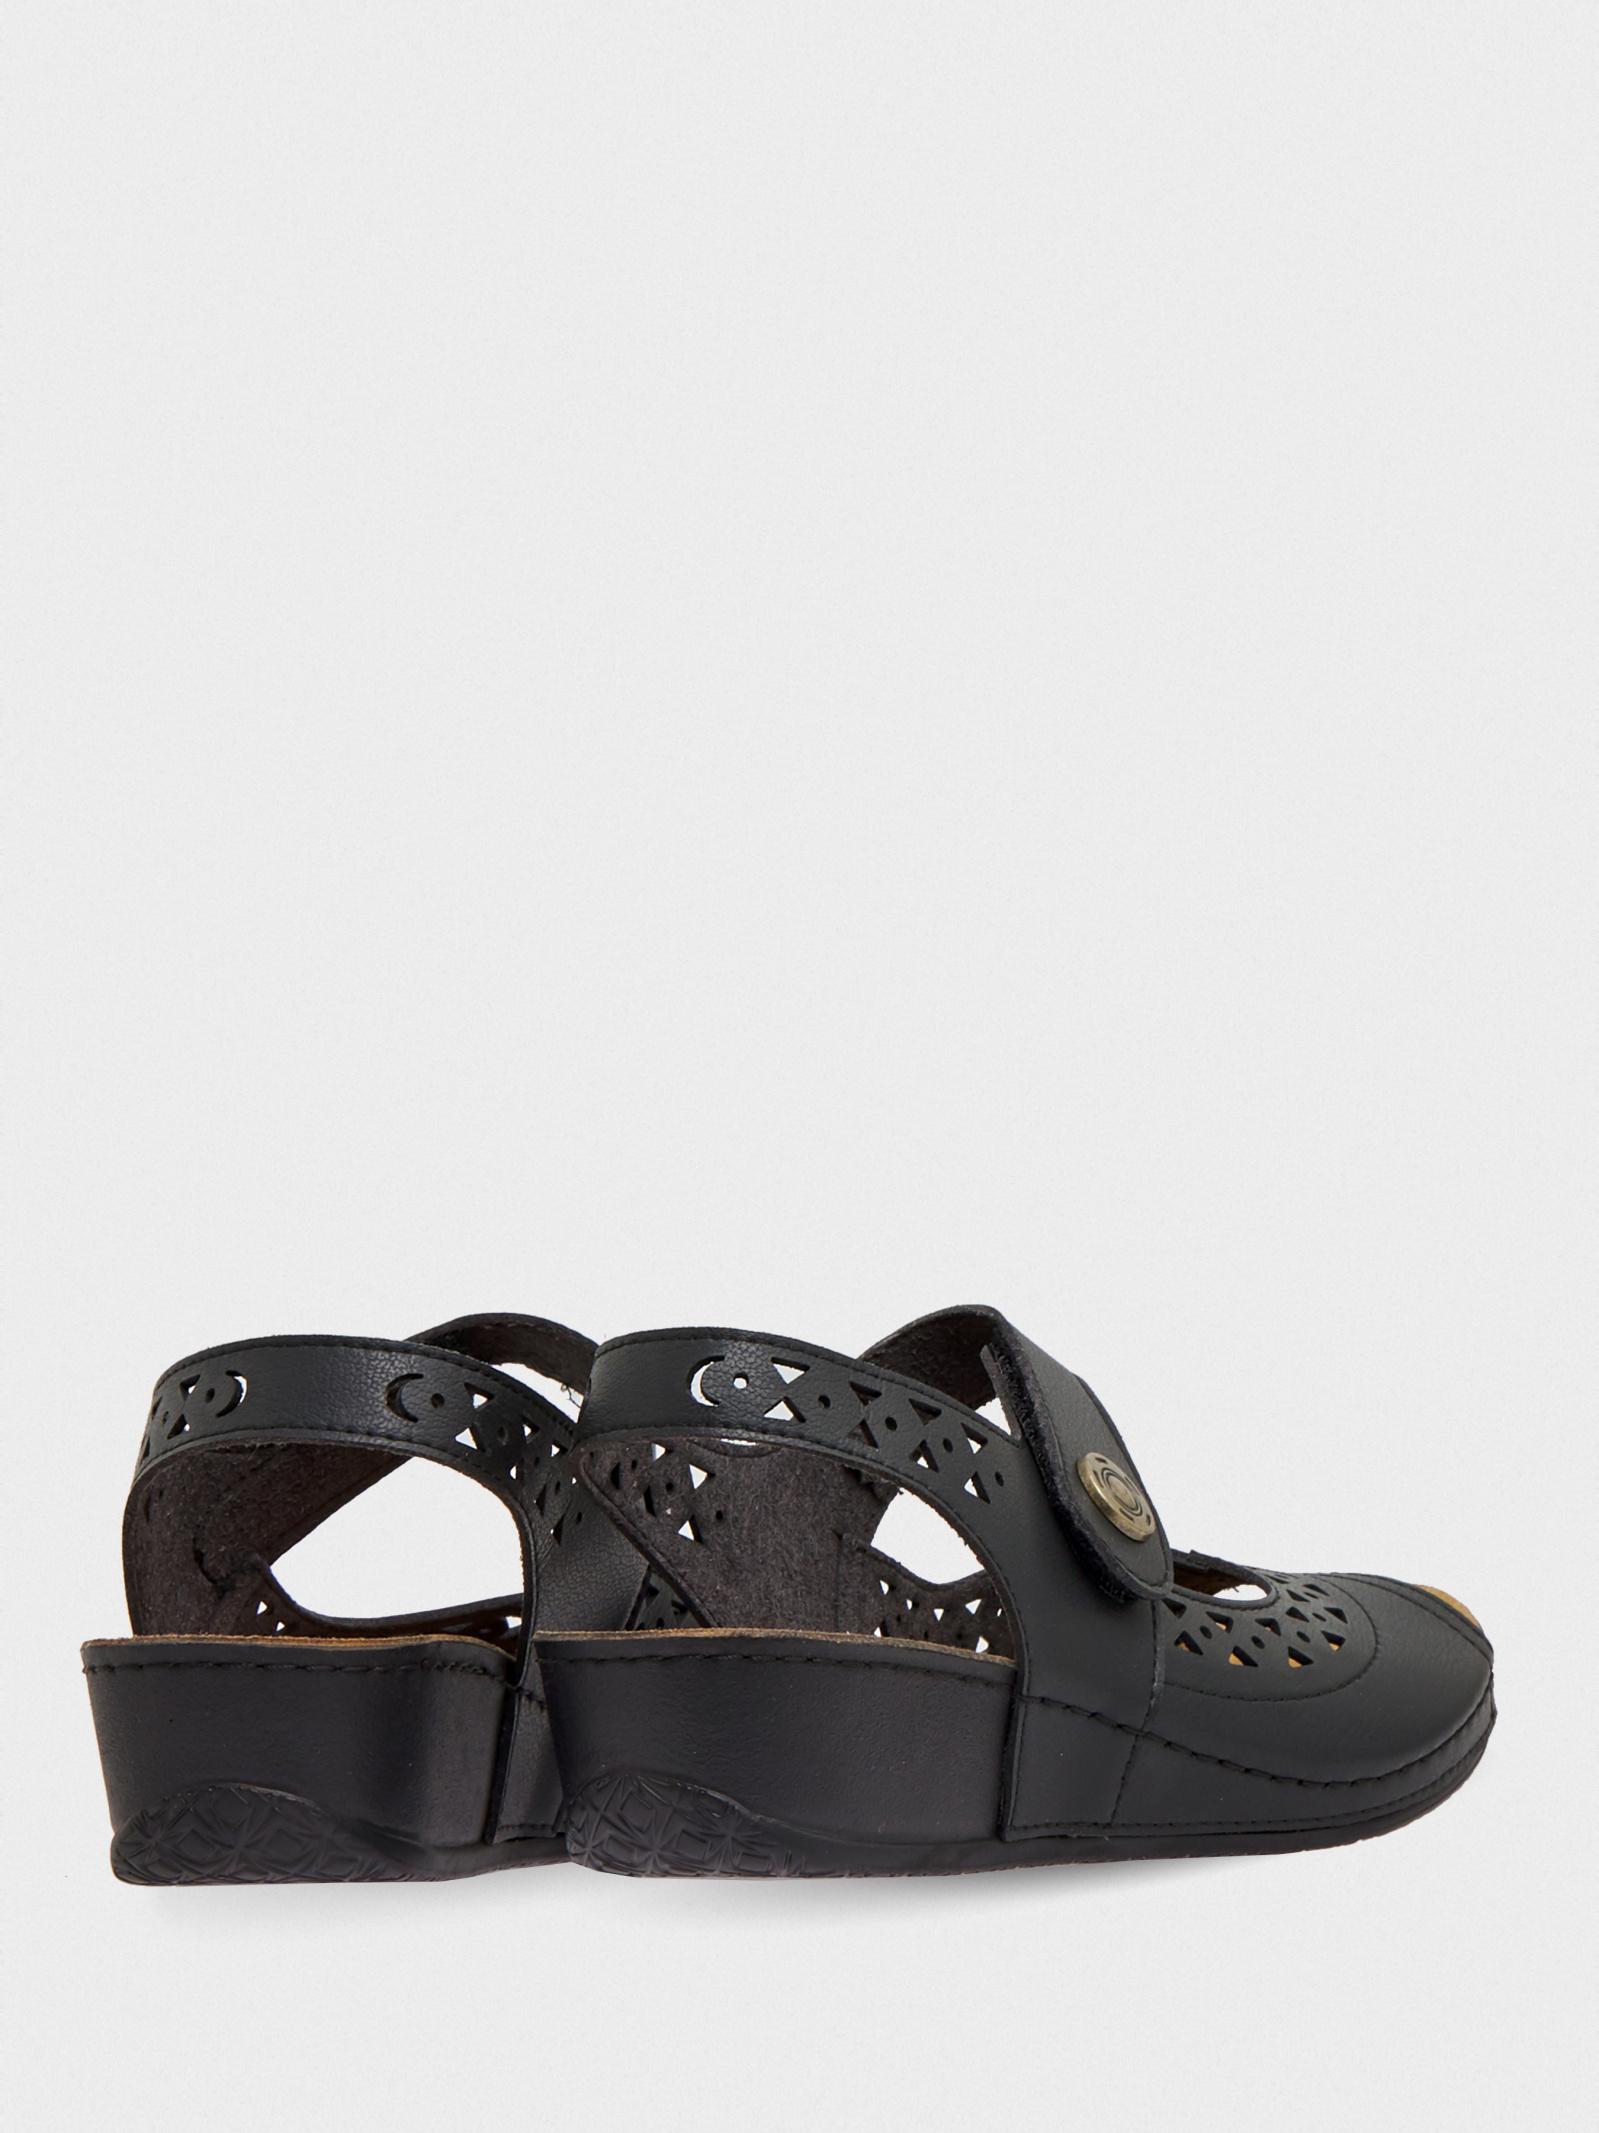 Сандалии для женщин Gunter 417318-3201 купить обувь, 2017